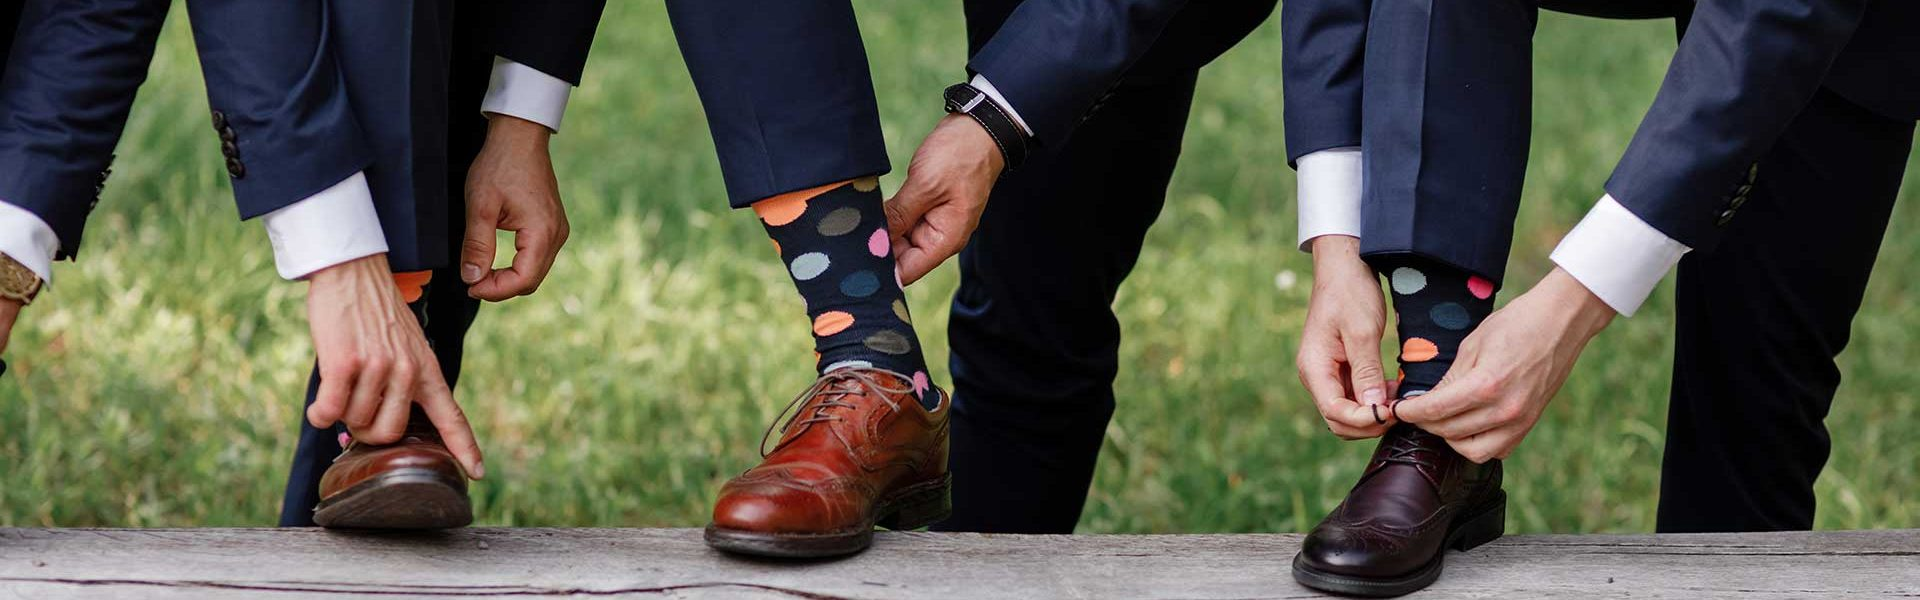 800מדרסים-לנעליים-אלגנטיות-ולסנדלים